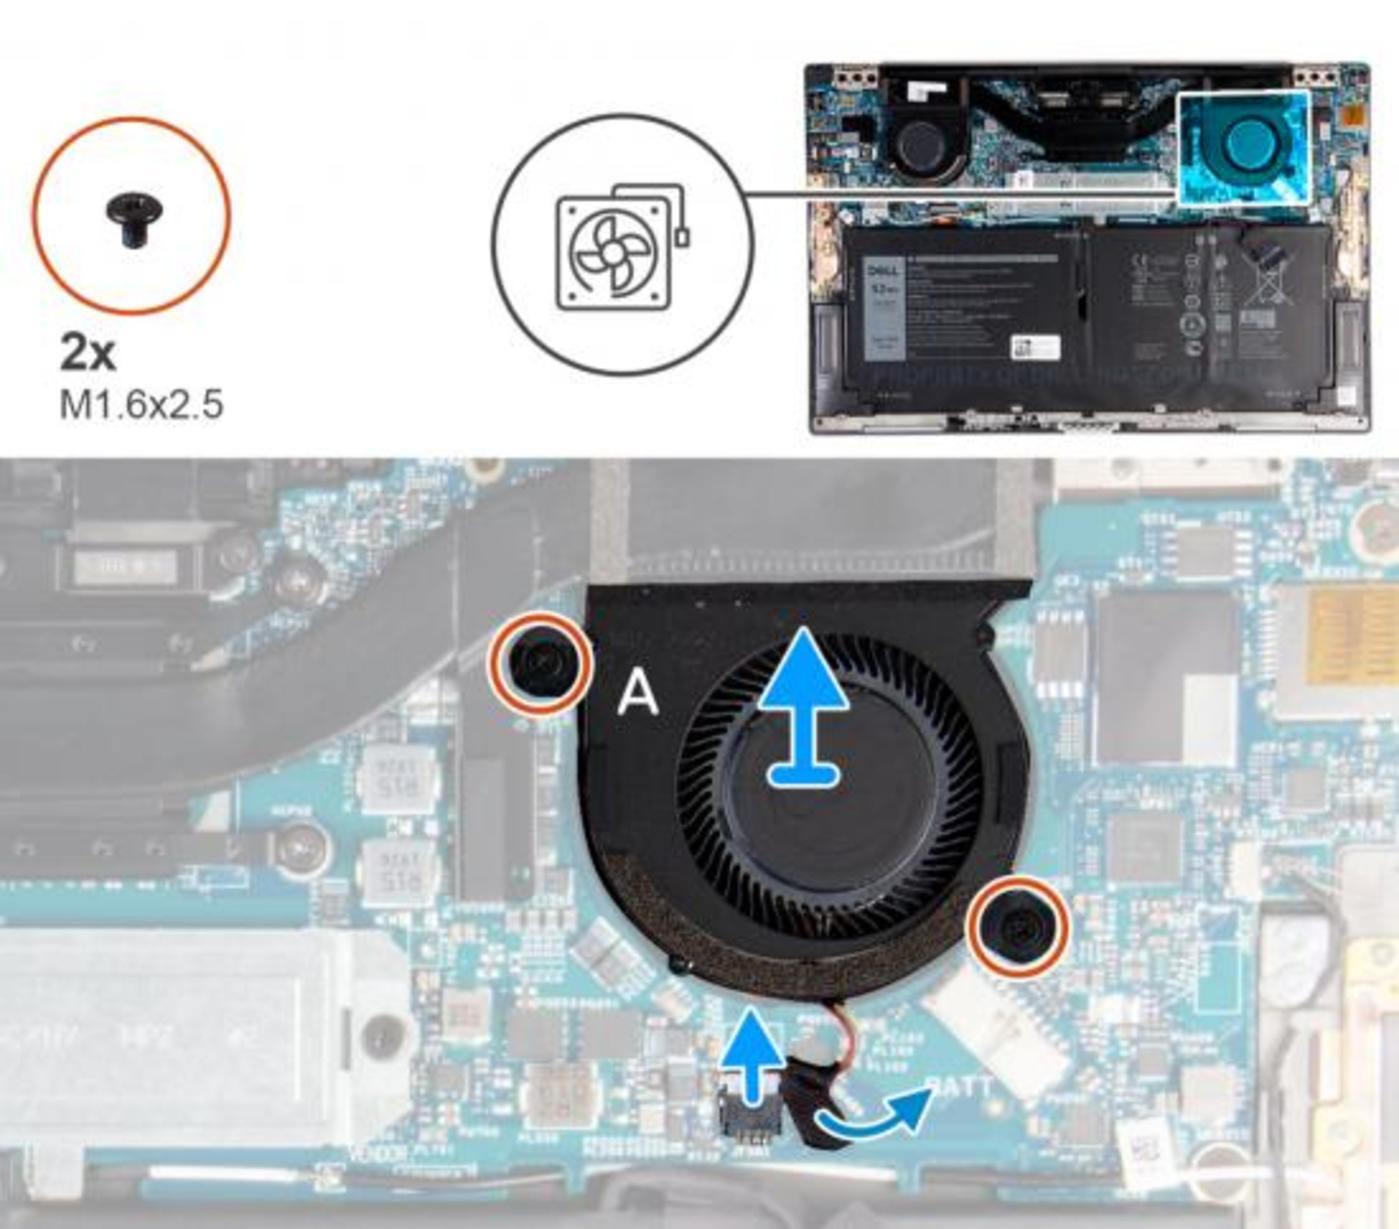 戴尔XPS拆机图,左右侧各有一个风扇